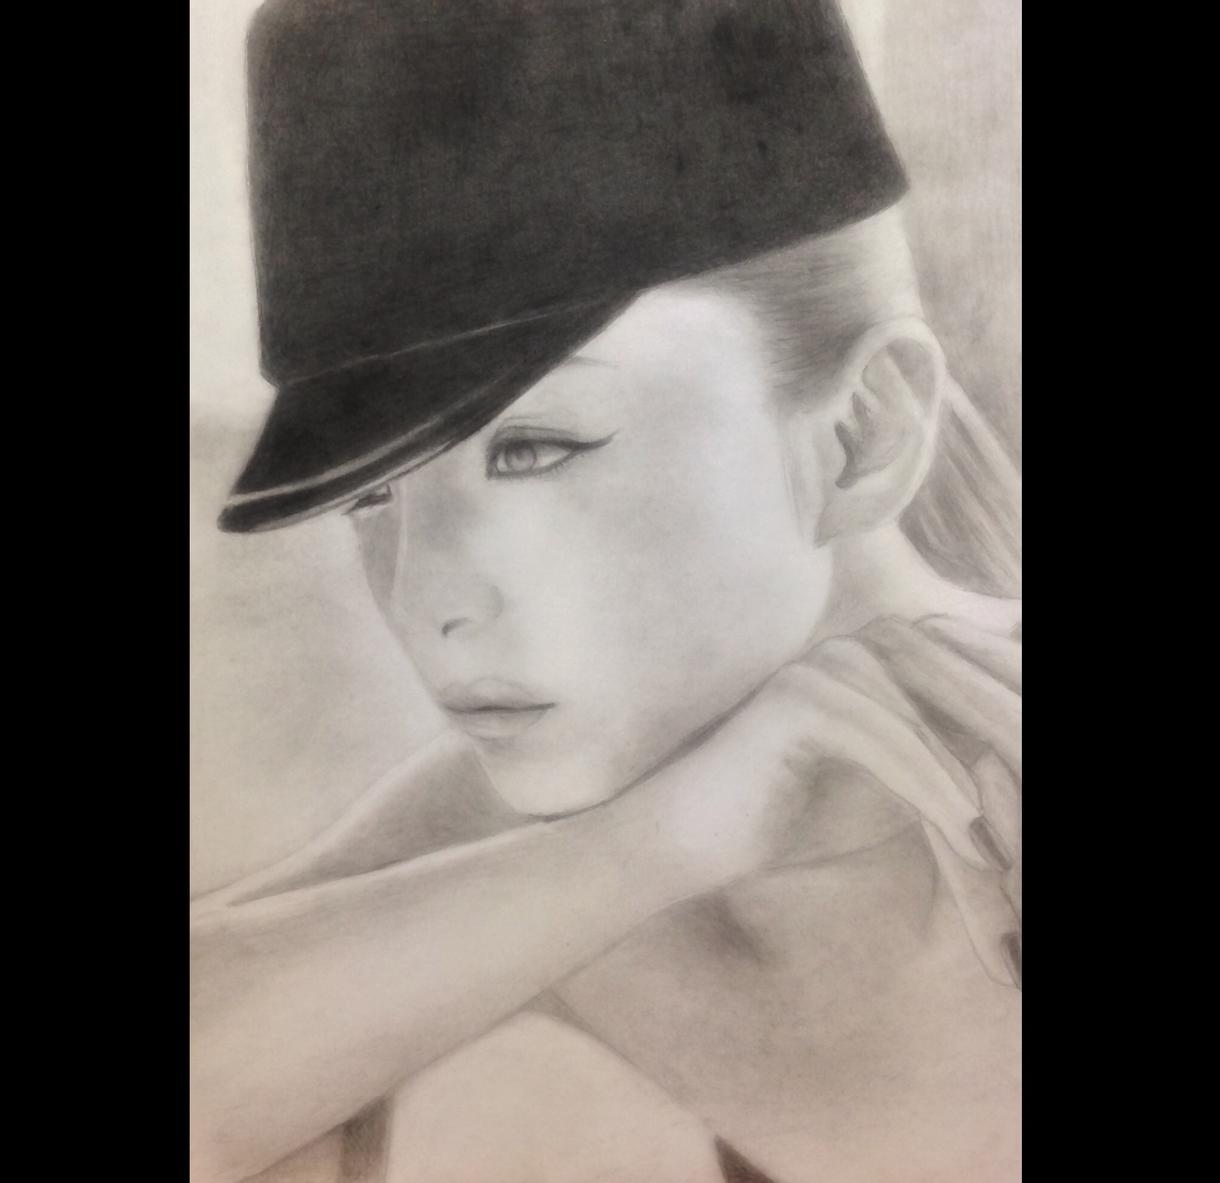 リアルな鉛筆画のイラスト描き方教えます 肖像画、似顔絵など描きたい方、なんでもご相談ください!